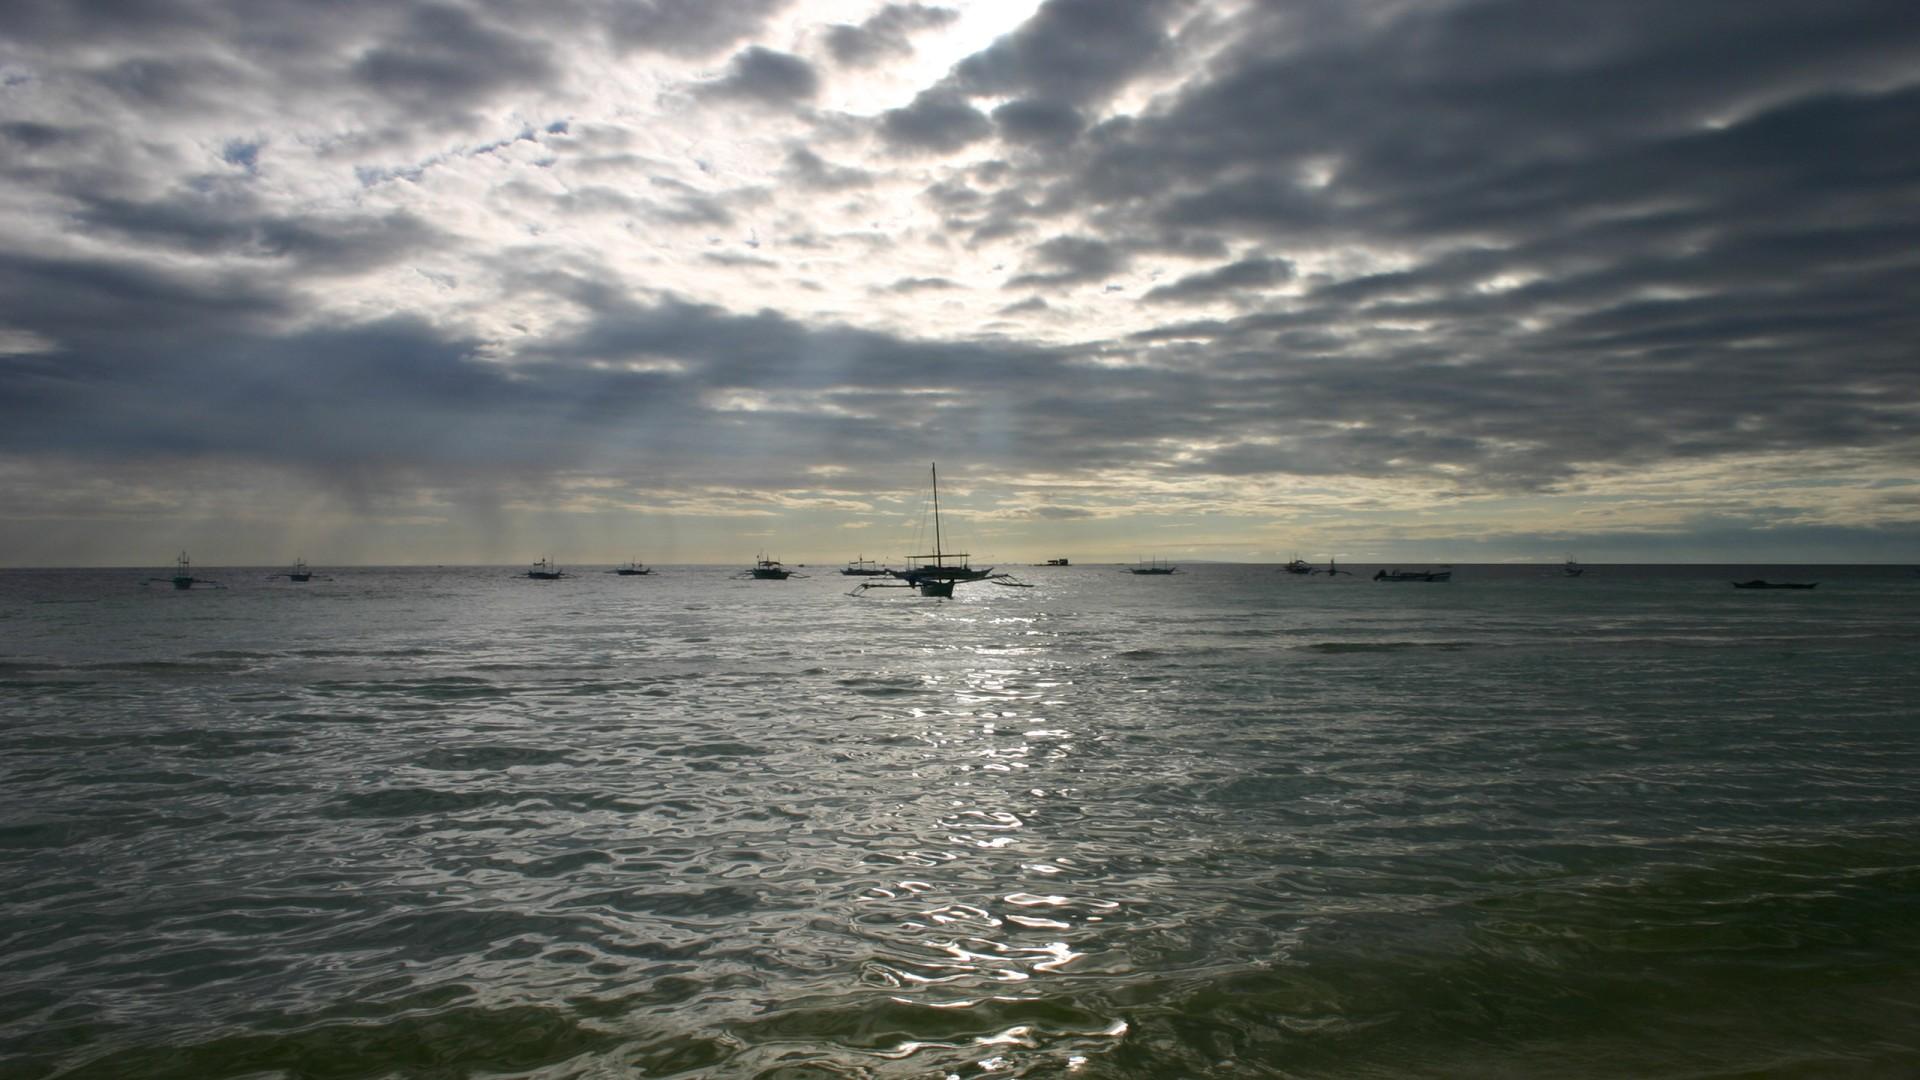 Ocean Fond D Ecran Bateaux 10 000 Fonds D Ecran Hd Gratuits Et De Qualite Wallpapers Hd